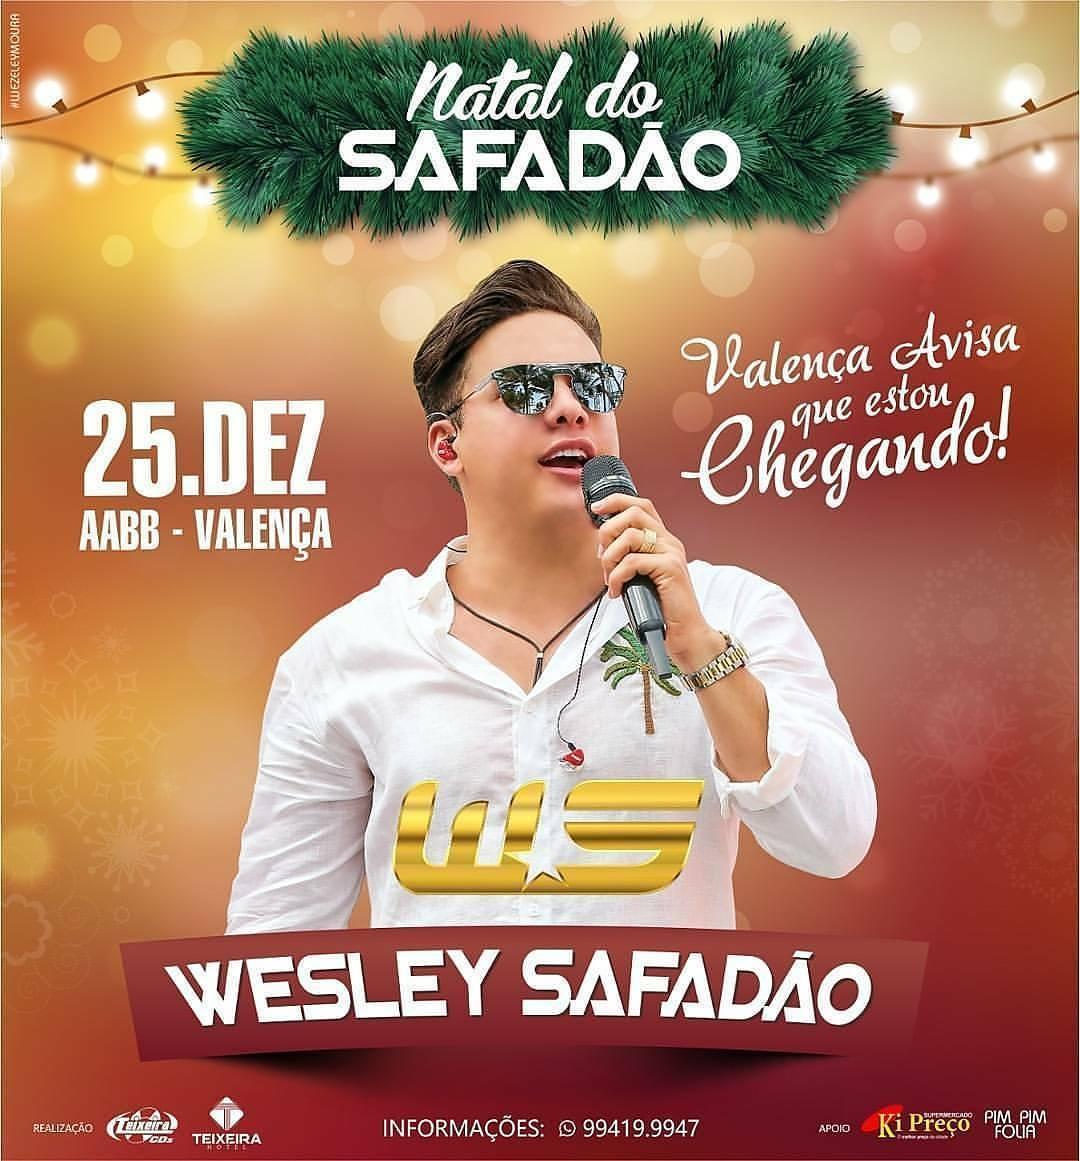 8a208c72293b6 Confirmado Natal do Safadão, o evento acontece no dia 25 de dezembro, na  AABB, em Valença-PI.